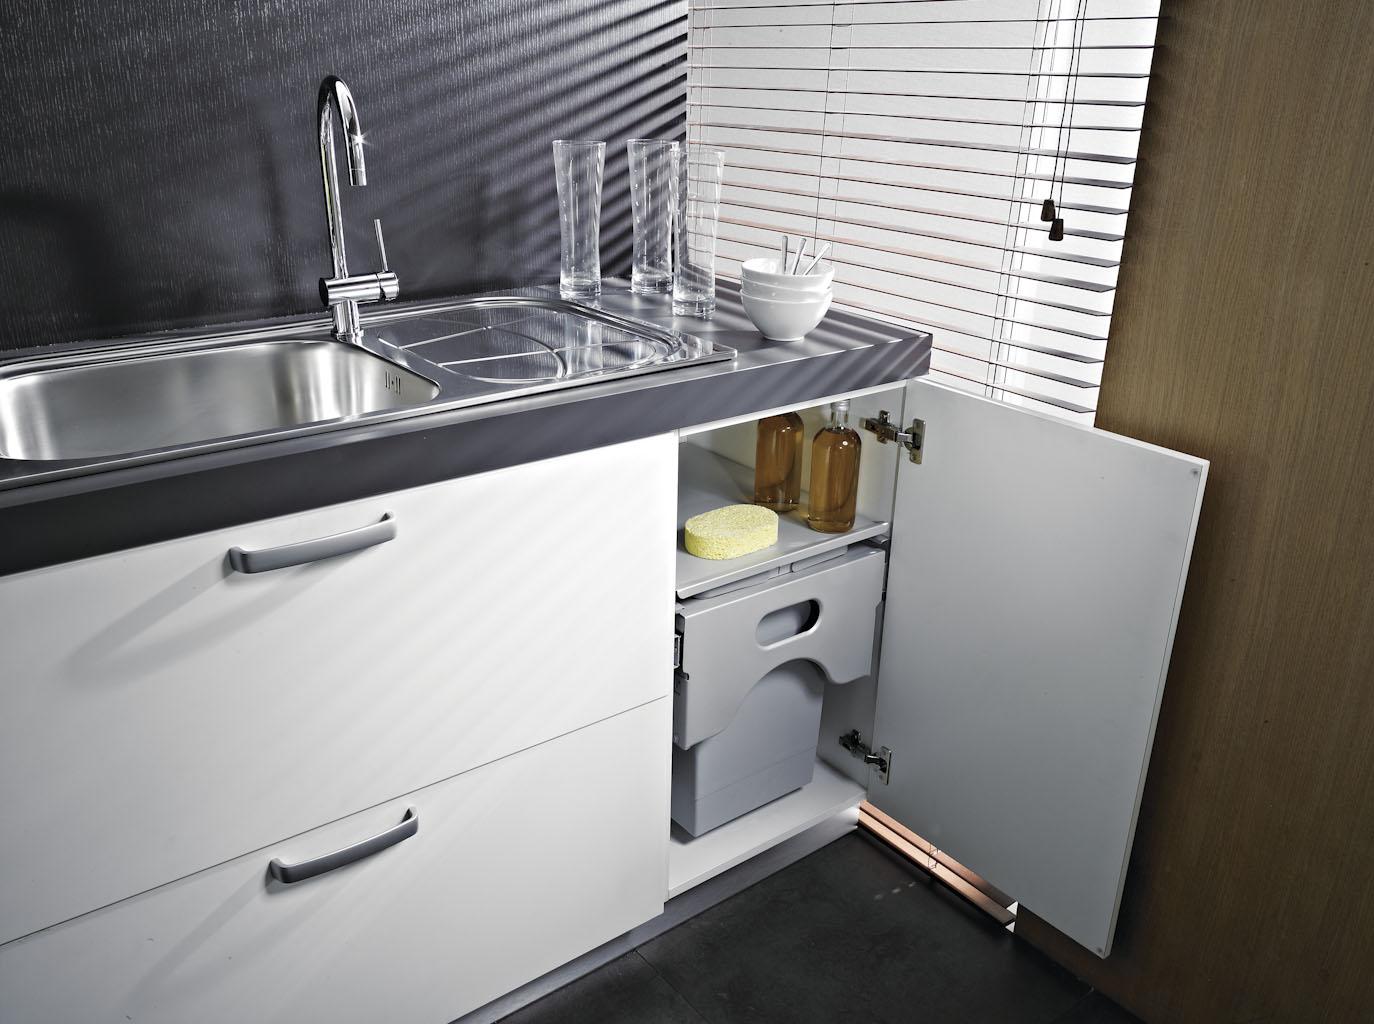 Pattumiera estraibile cabinet per base cucina modulo for Pattumiere per cucina